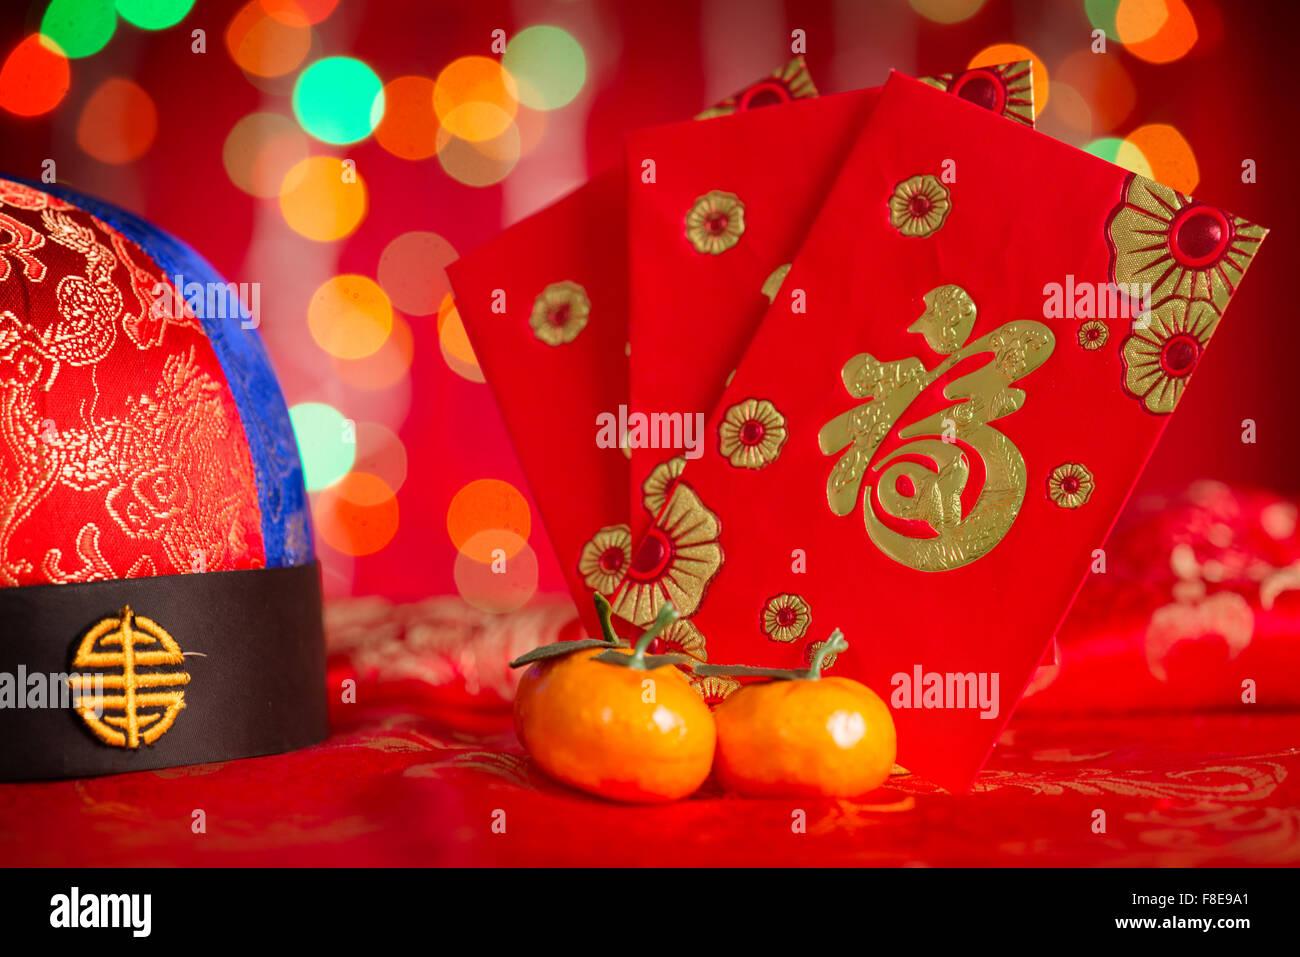 Chinesisches Neujahr Festival Dekorationen, rote Päckchen und ...